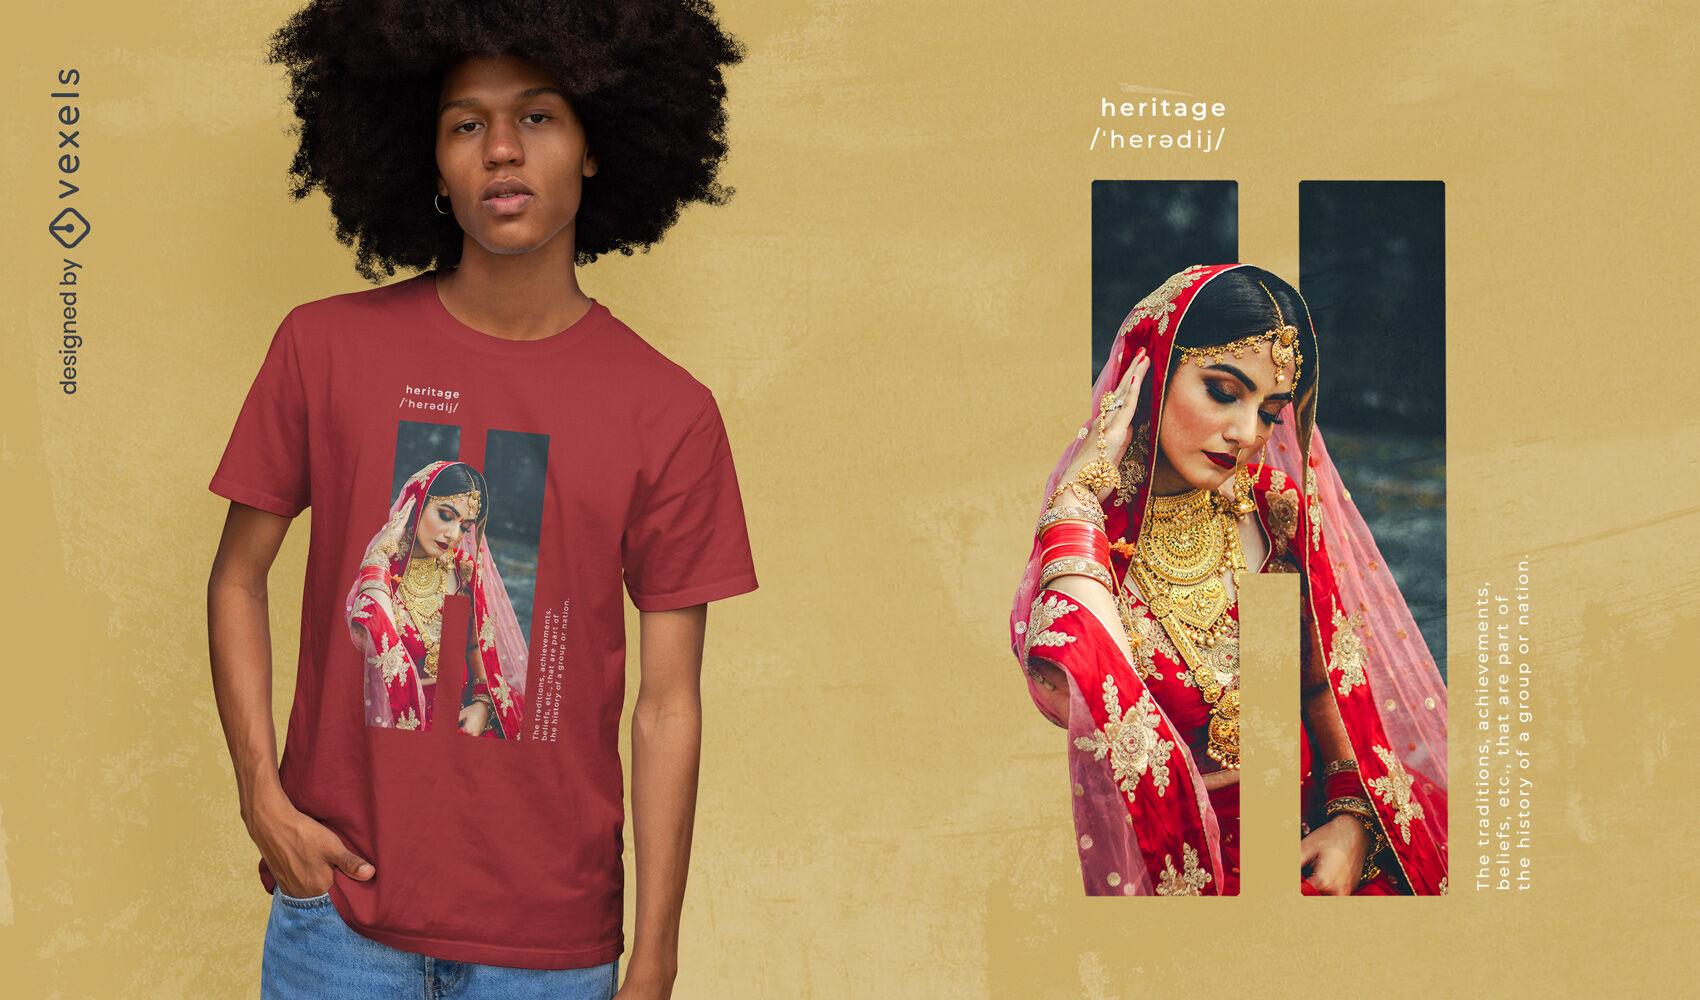 Dise?o de camiseta de patrimonio cultural ?tnico ni?a psd